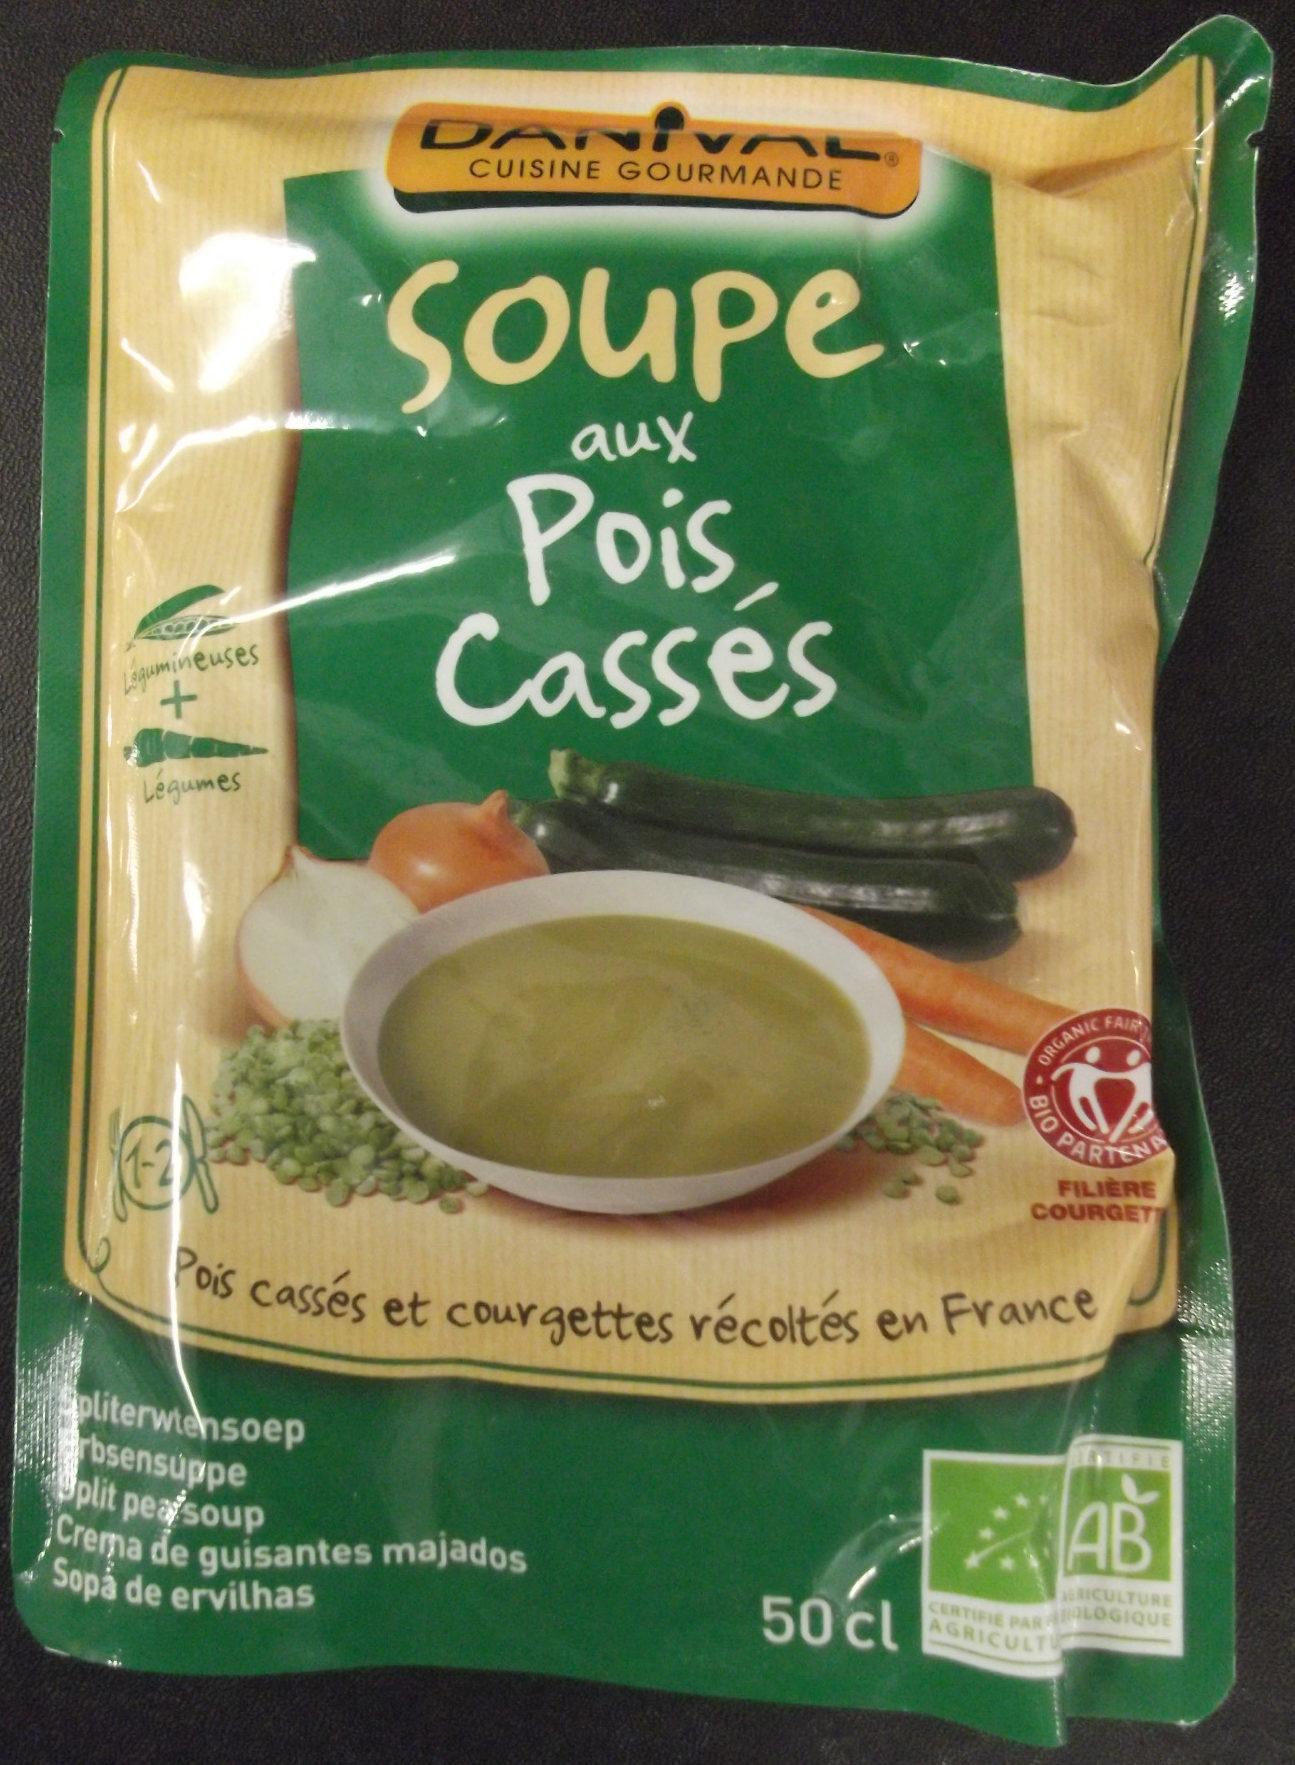 Soupe de Pois Cassés - Produit - fr